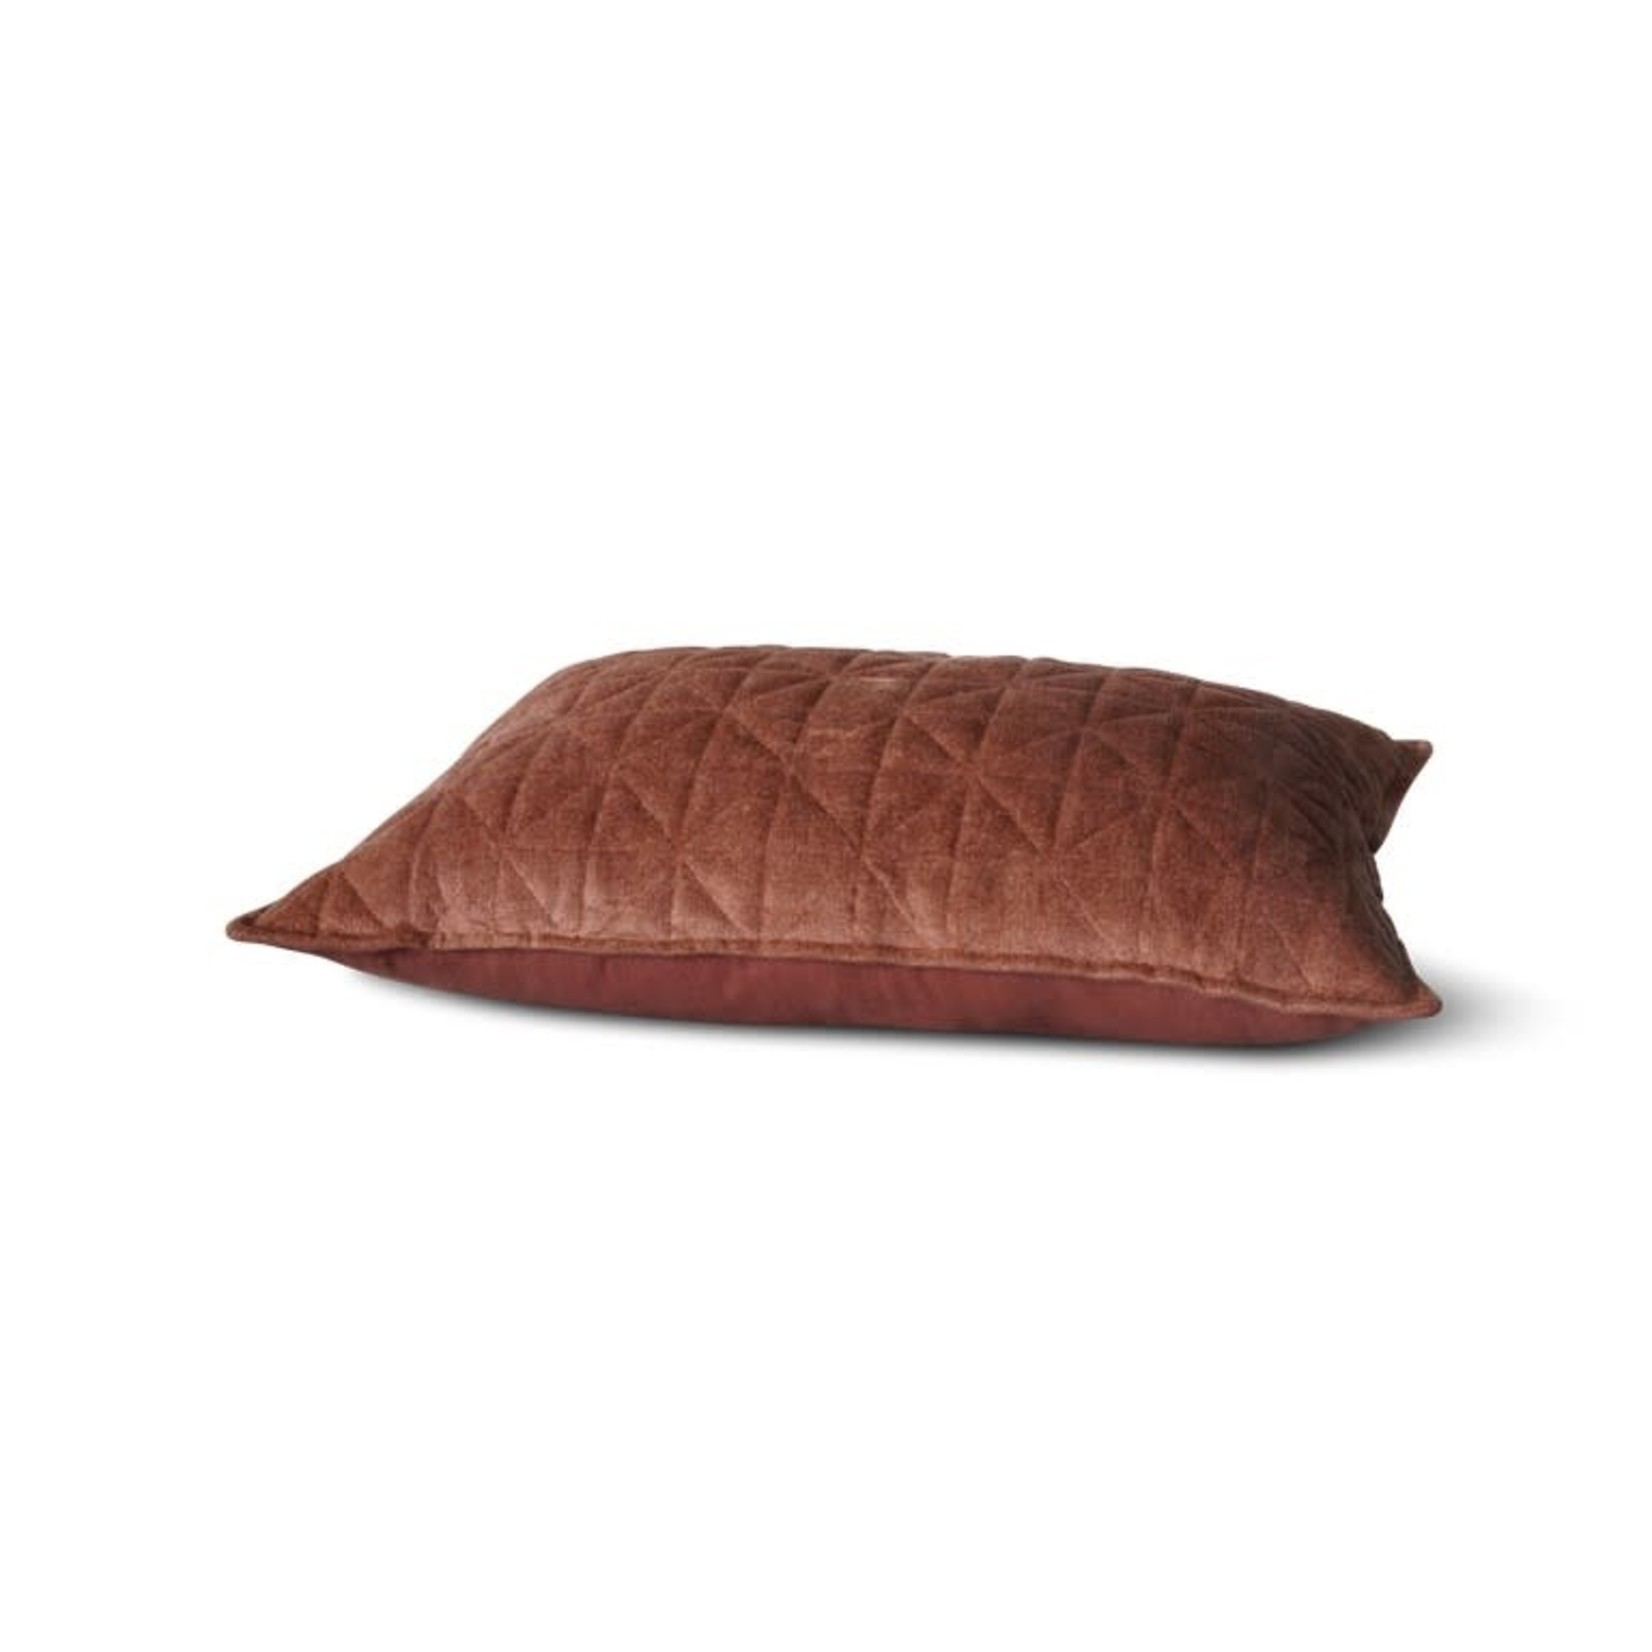 Brynxz Brynxz | Kussen chenille cognac 40x60cm